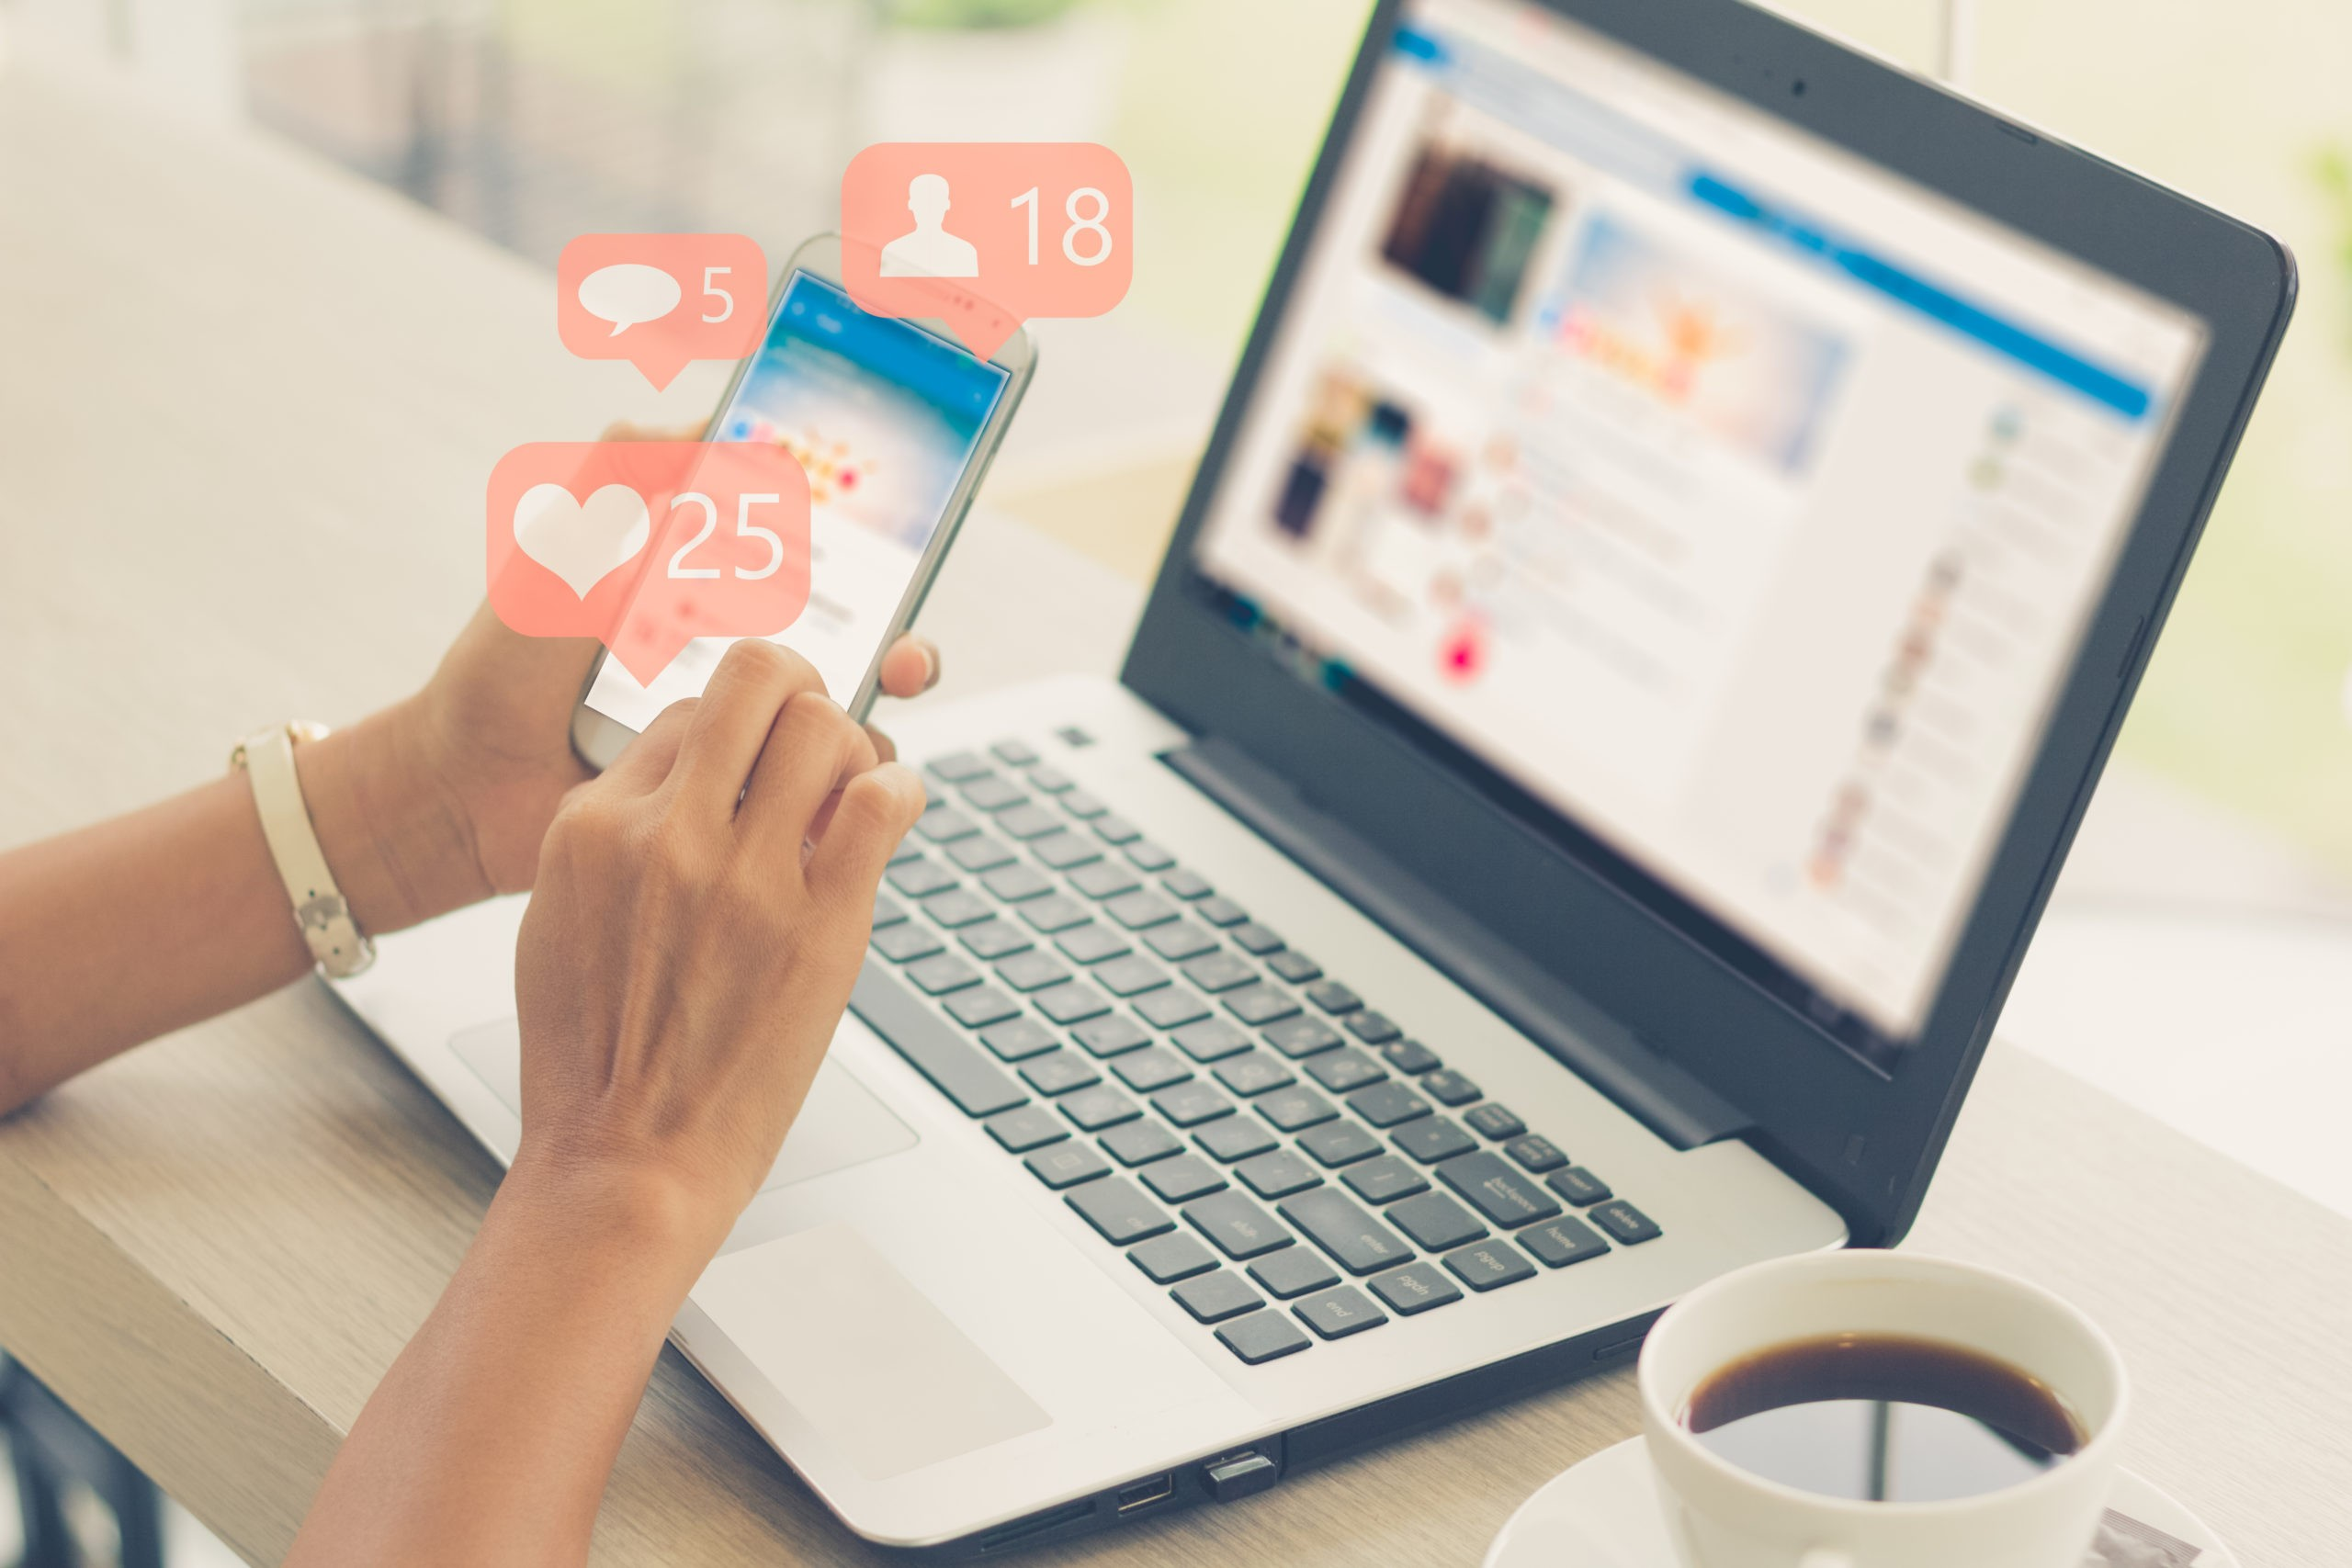 Как заработать в интернете — без вложений, прямо сейчас с телефона